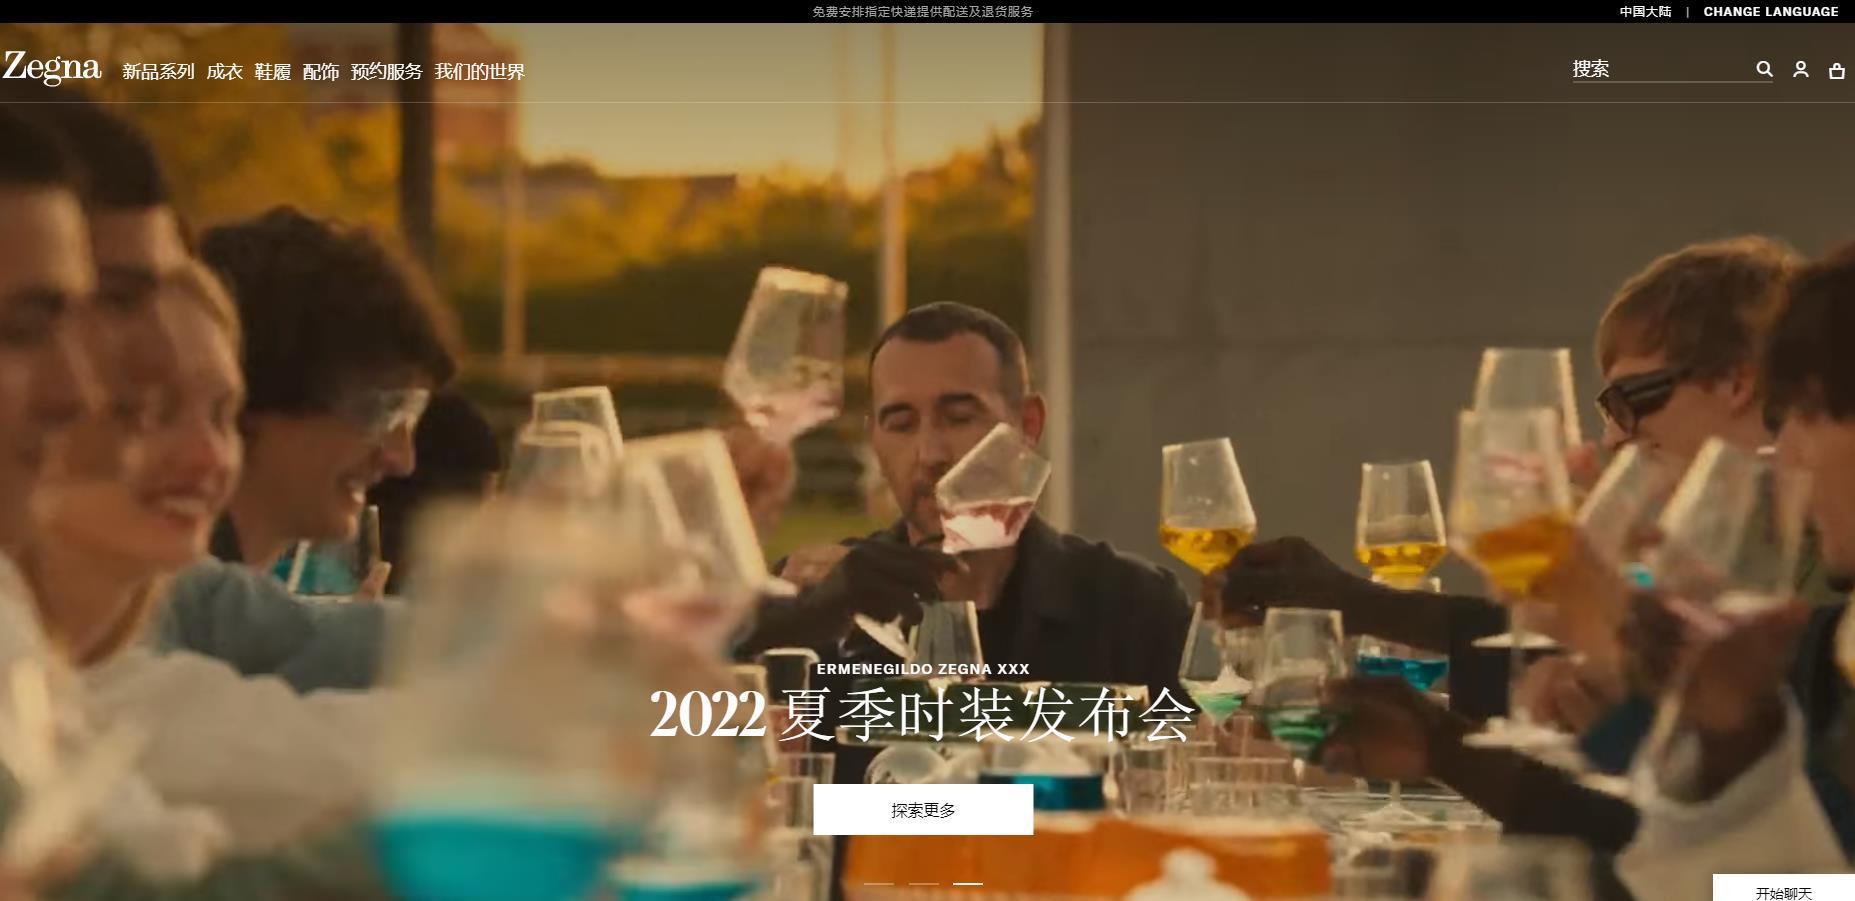 杰尼亚ZEGNA中国官方网站 Ermenegildo Zegna官方旗舰店